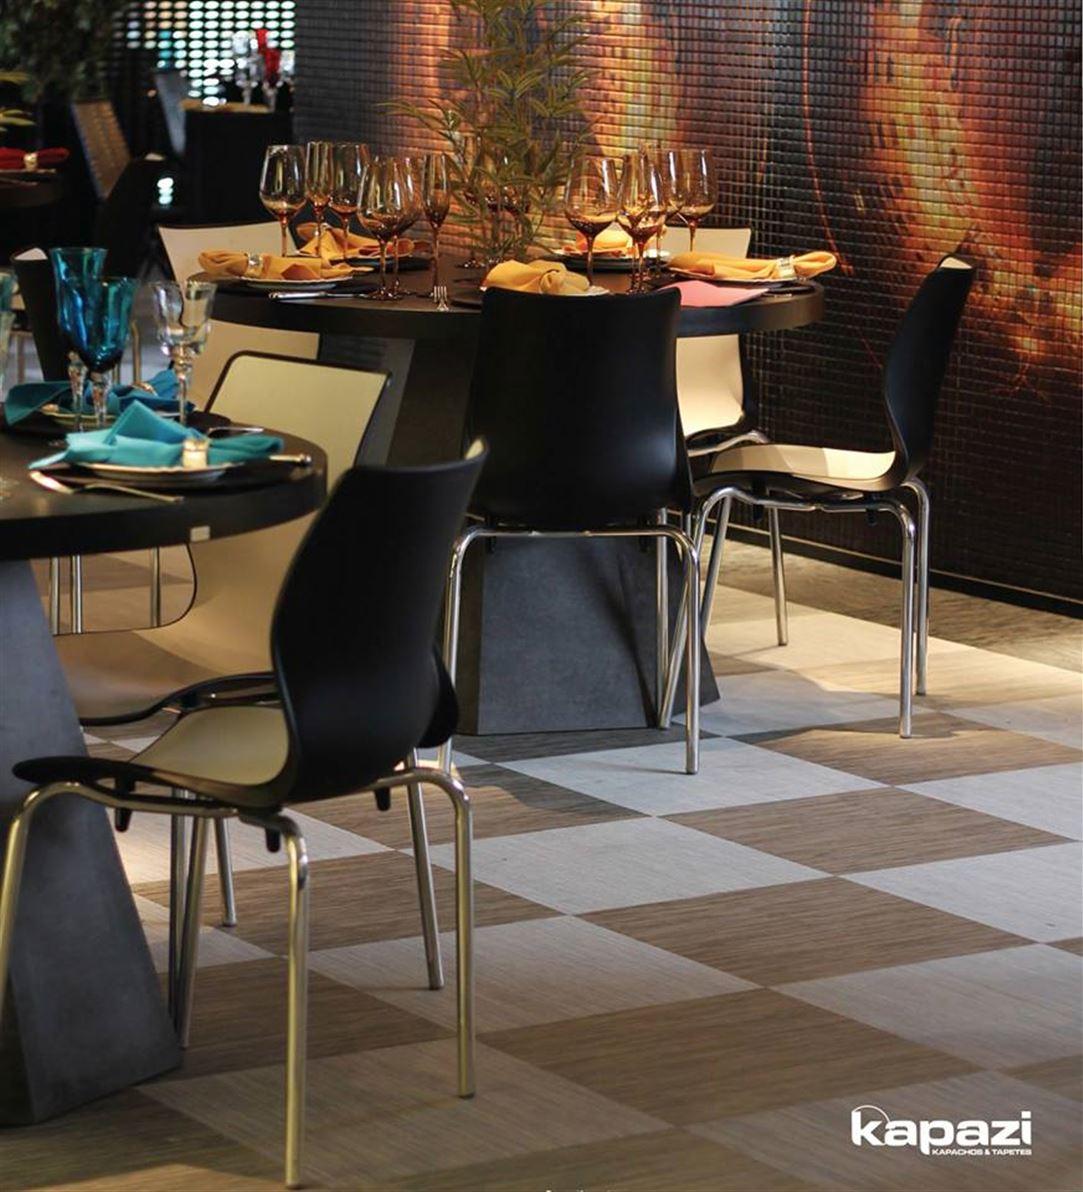 Piso Mix And Match São pisos que dão a cada espaço um significado. A luz, os tons e as formas incidem sobre as mais diferentes superfícies e estampas criando efeitos visuais que agregam valor e estilo ao produto